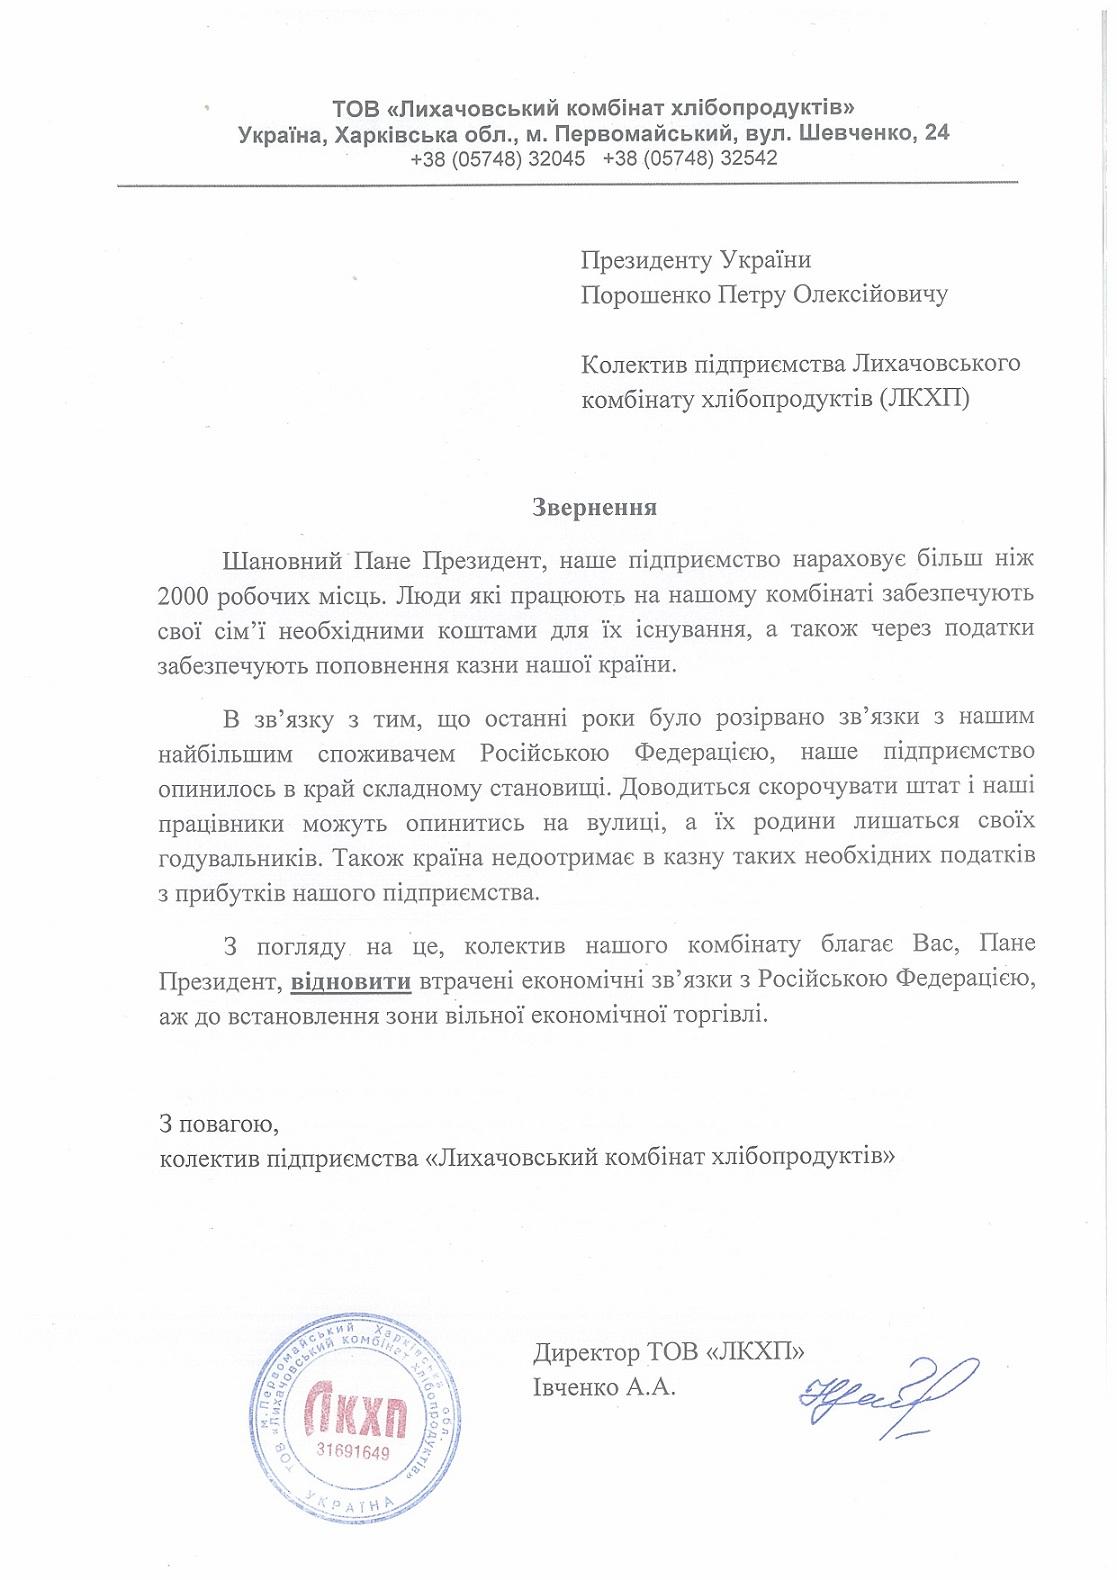 """Нардеп із НФ Андрій Левус: """"Гриняк повідомив, як тікатиме Захарченко. Але в нас тоді не було сил і засобів, щоб його впіймати"""" - Цензор.НЕТ 1978"""